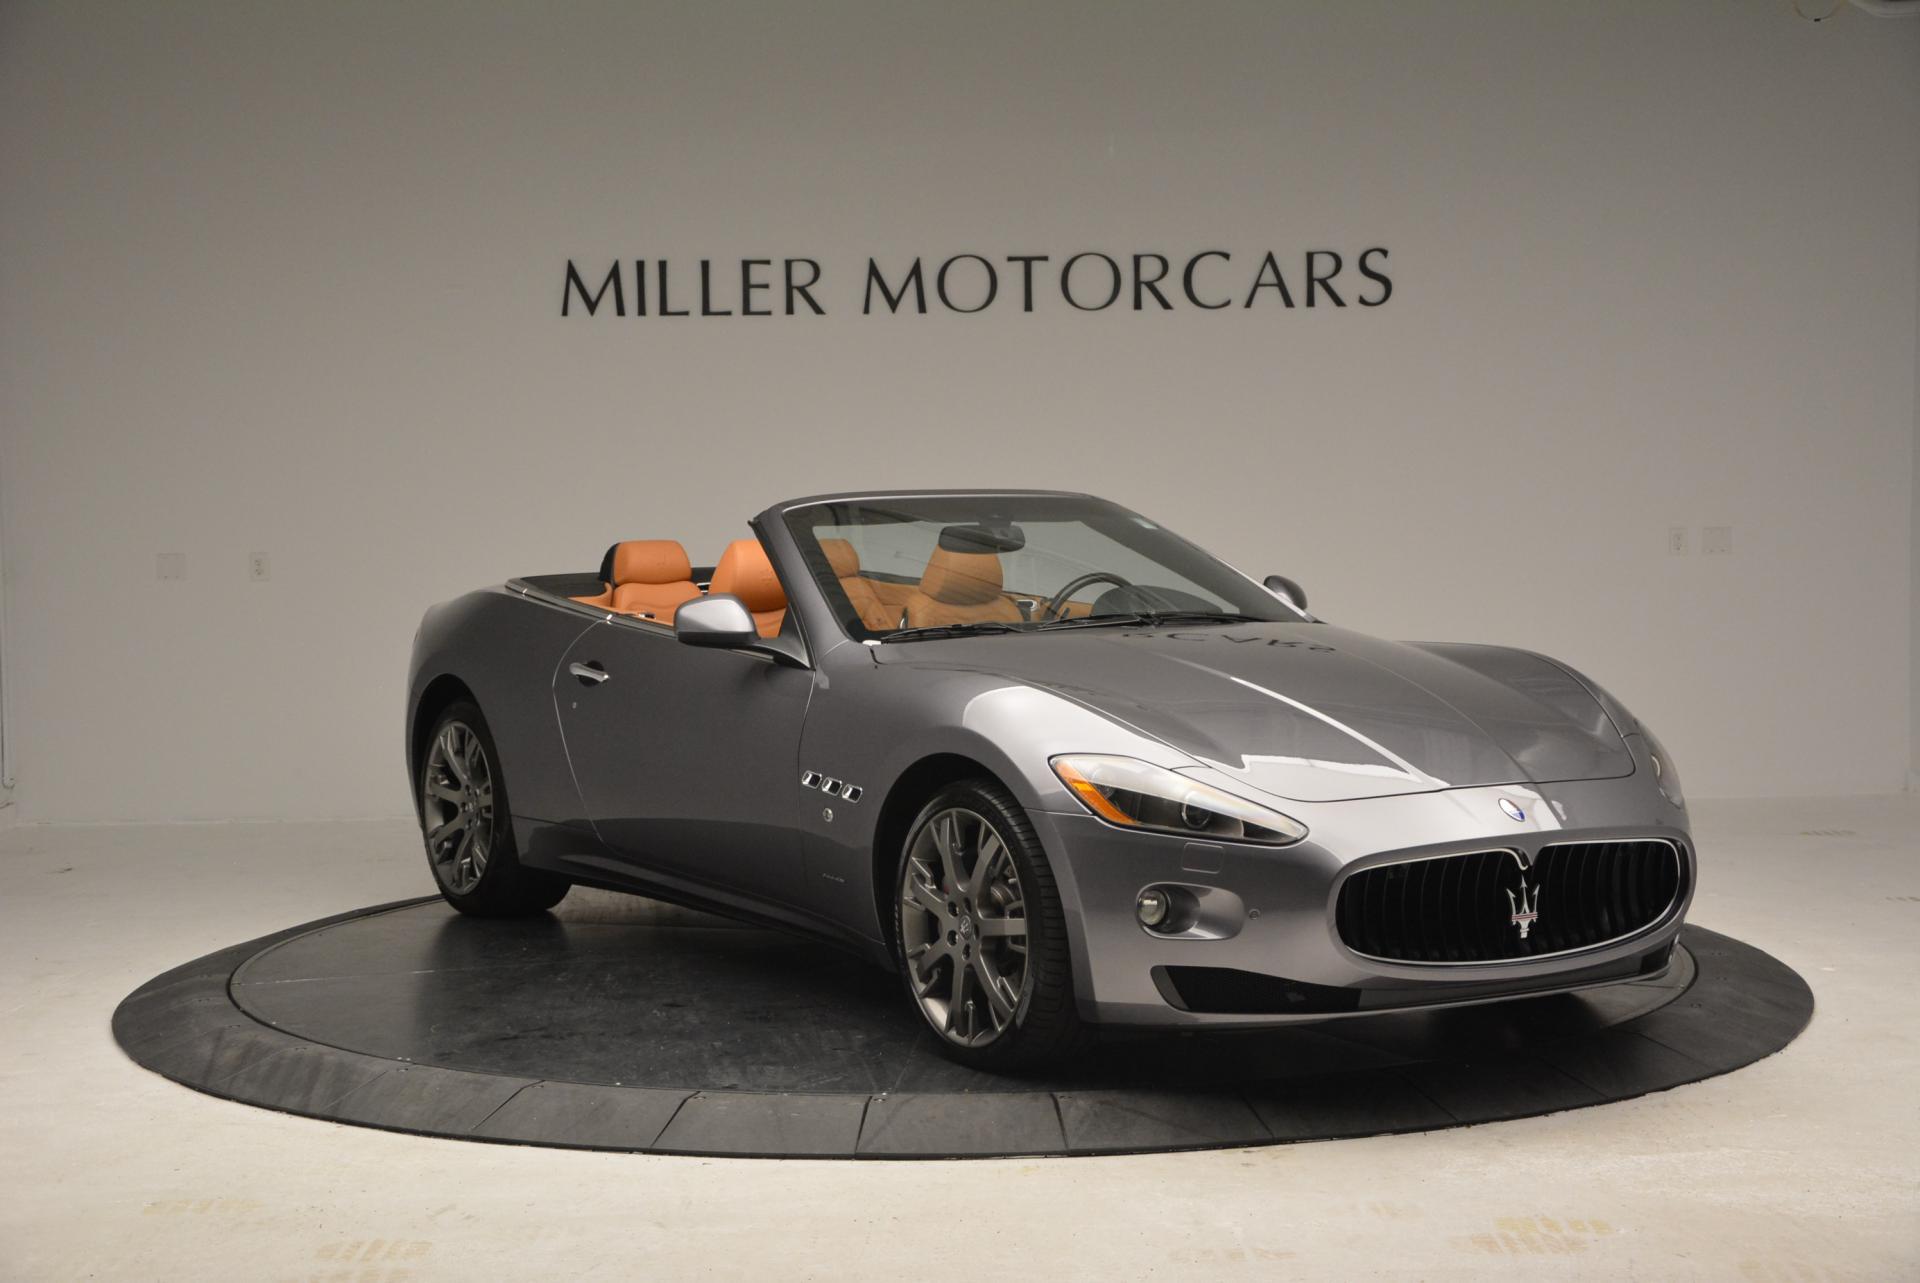 Used 2012 Maserati GranTurismo  For Sale In Greenwich, CT 161_p11